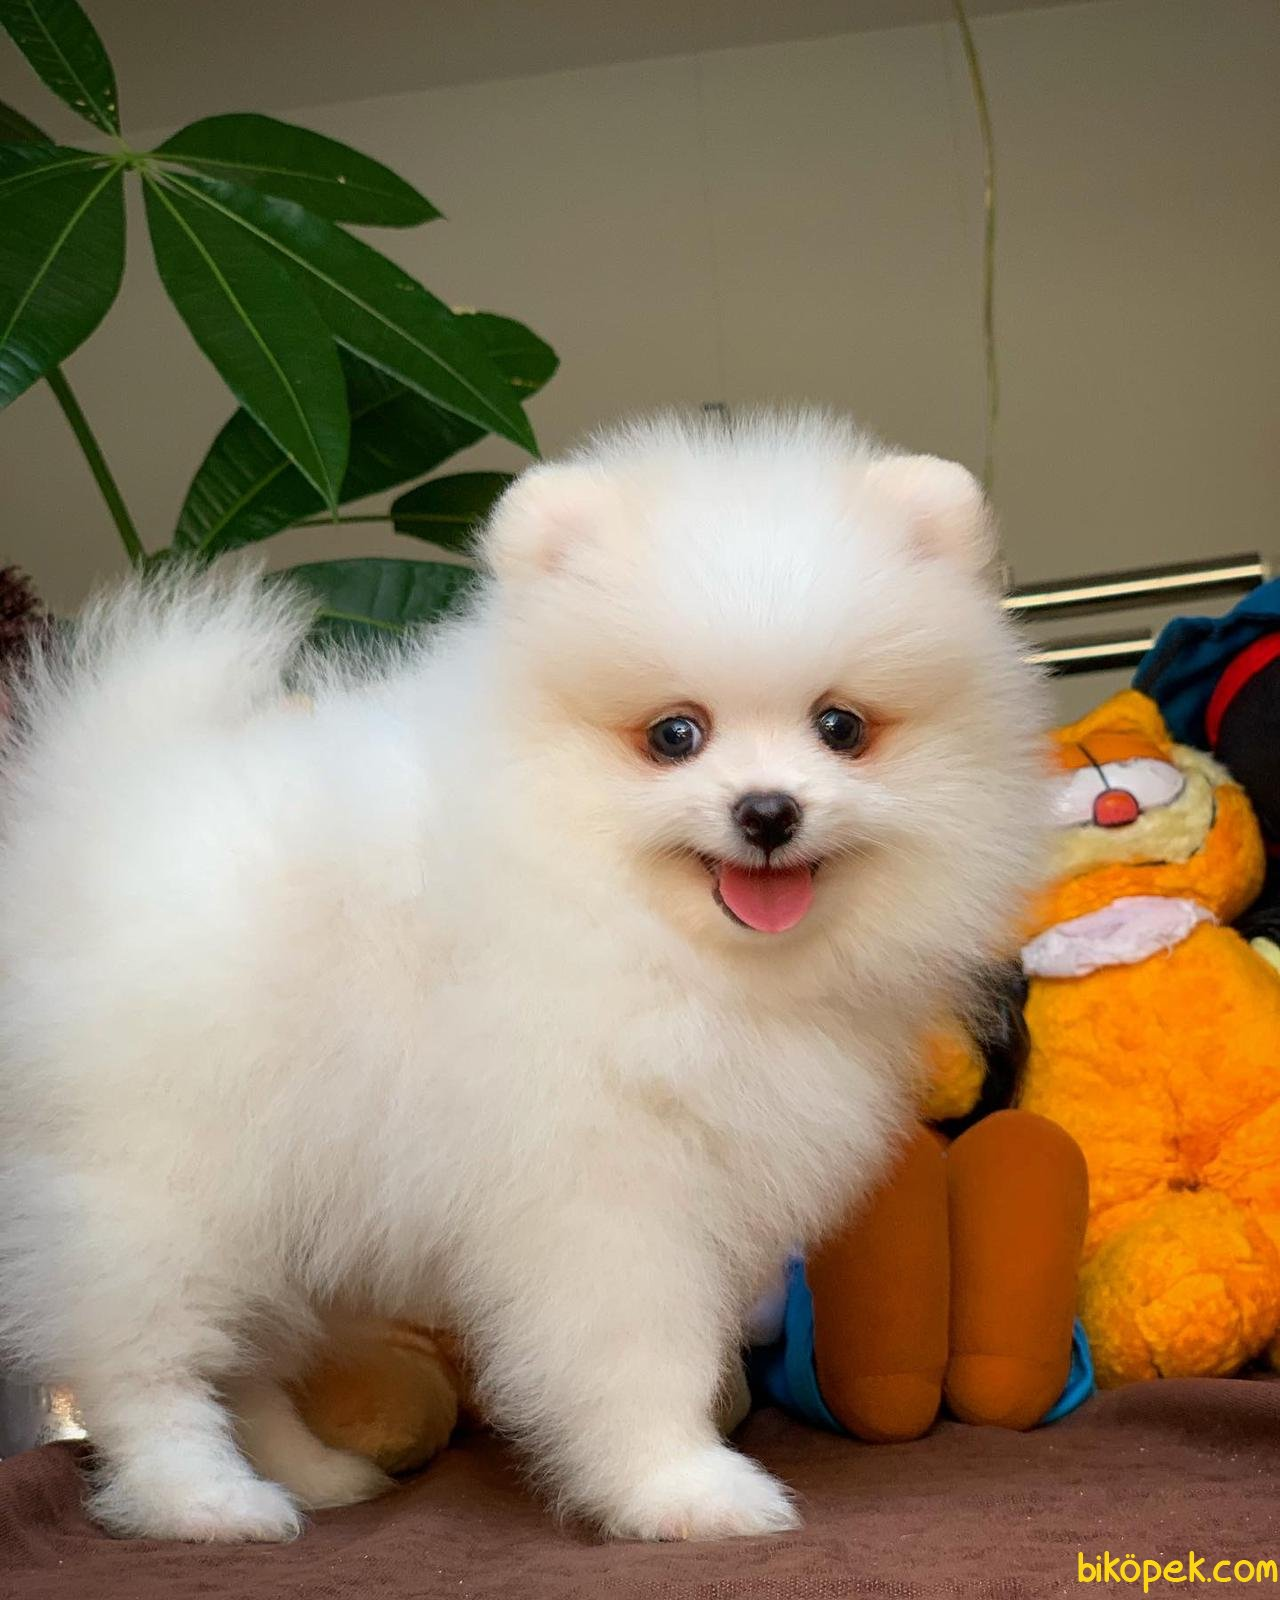 Yurtdışı Üretim Belgeli Safkan Pomeranian Boo Yavrularımız 5